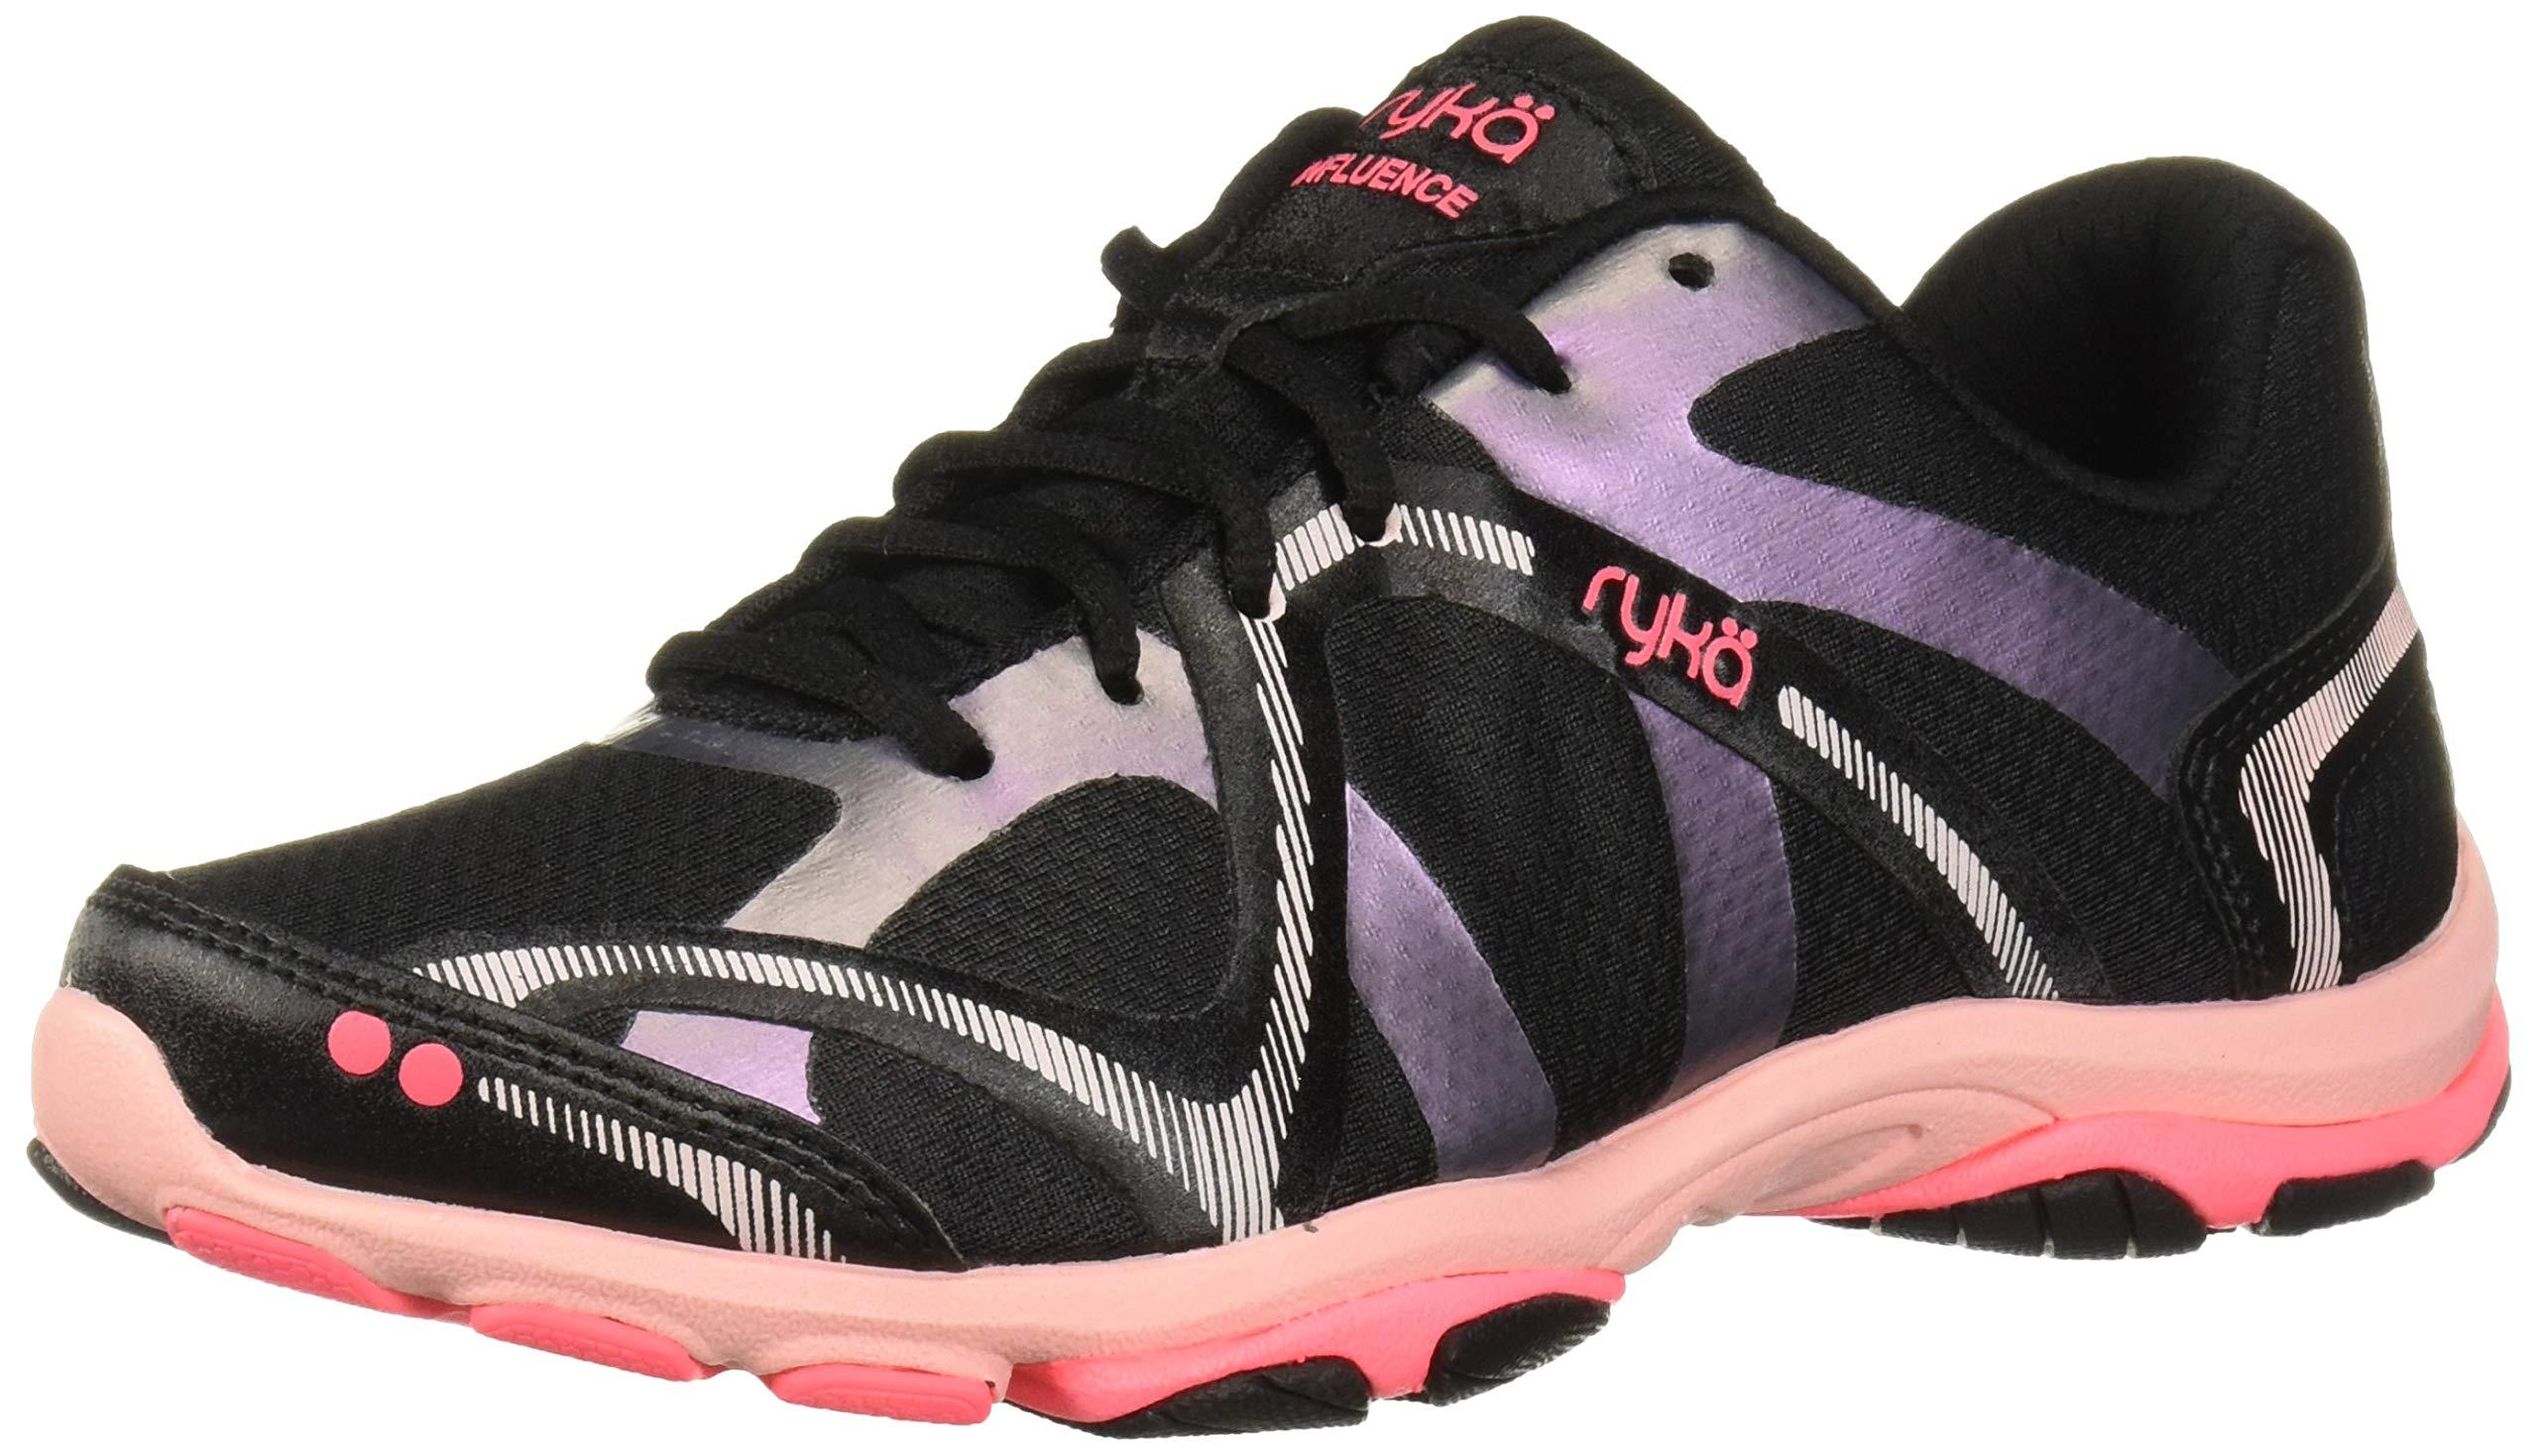 Shoe durability